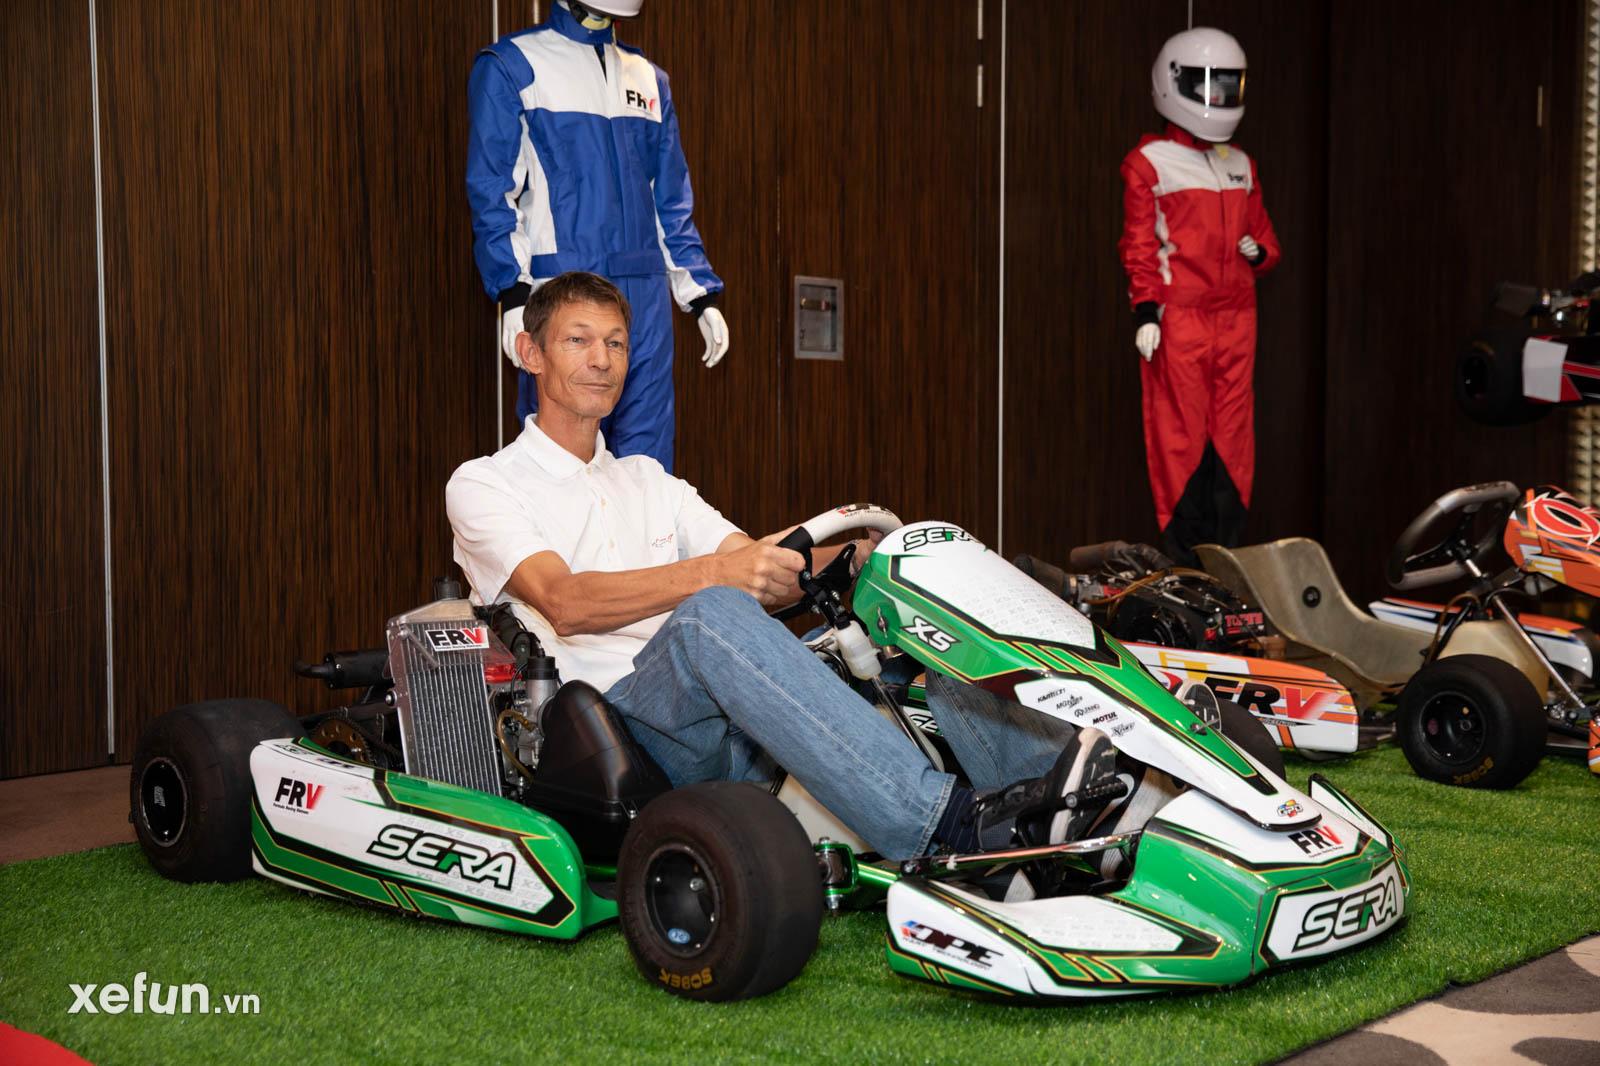 Giải đua Go Kart Southern Open Championship Formula Racing Vietnam trên Xefun (1)36547567